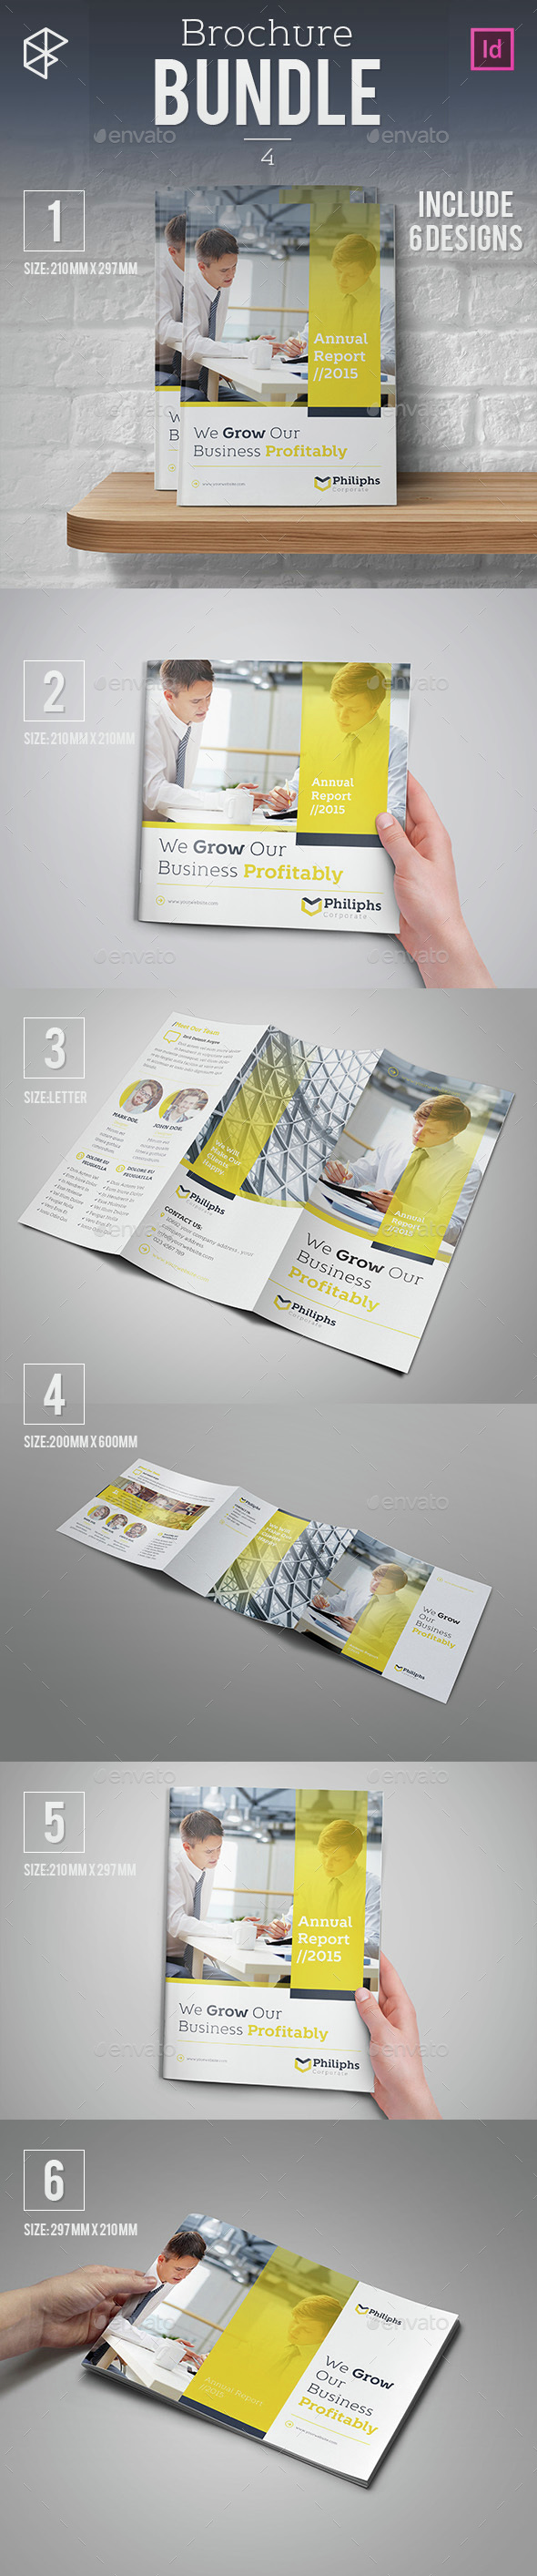 Brochure Bundle 4 - Corporate Brochures